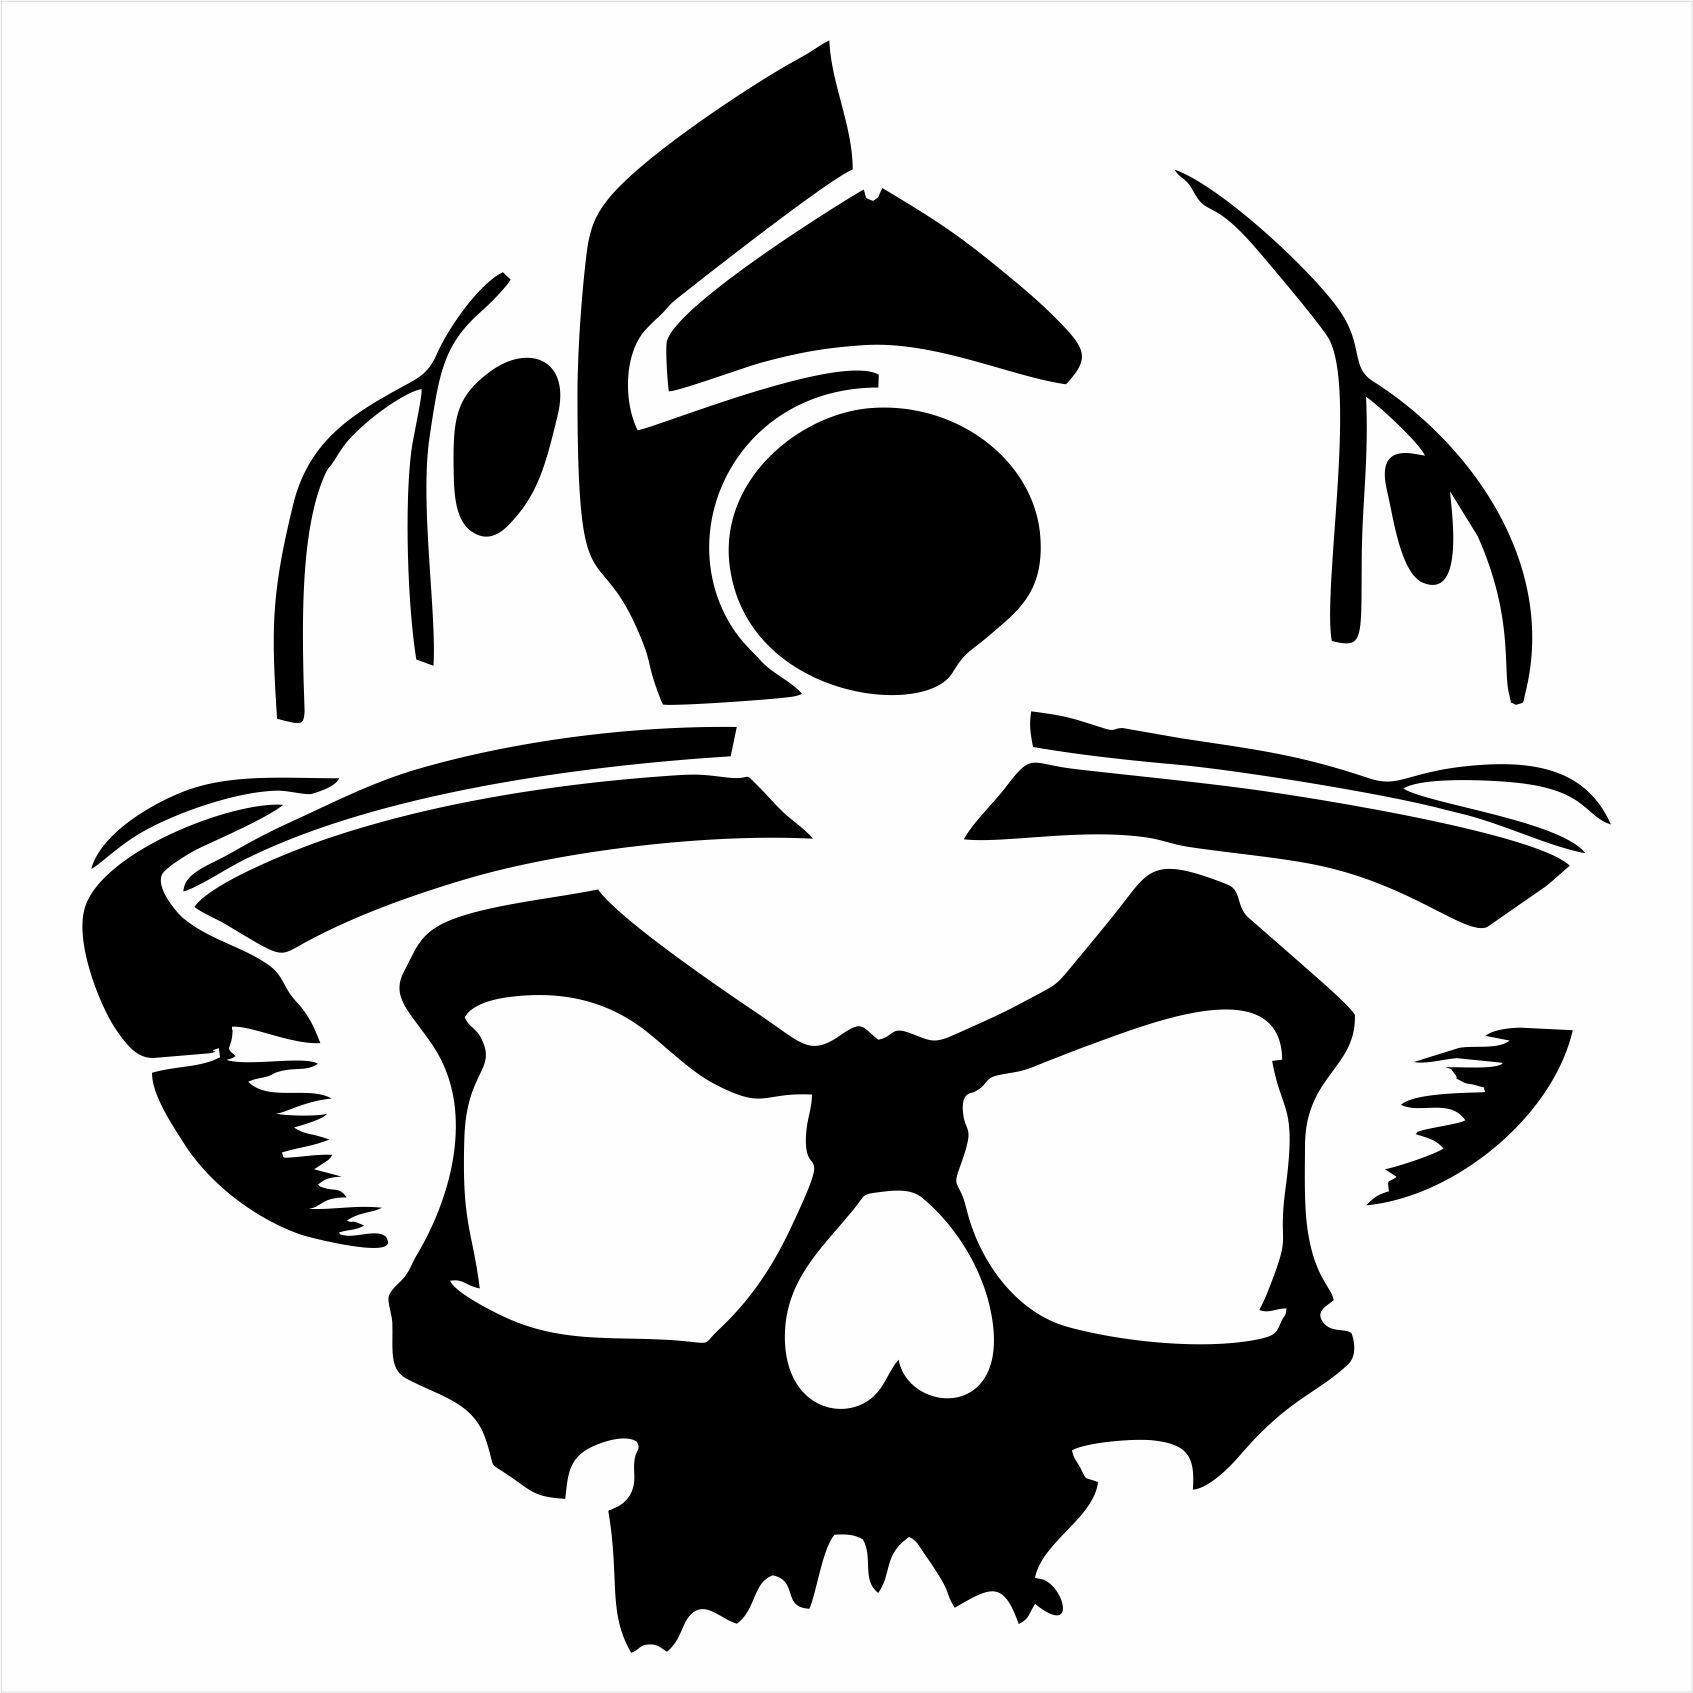 Skull with helmet clipart jpg freeuse library Firefighter Skull with Helmet\